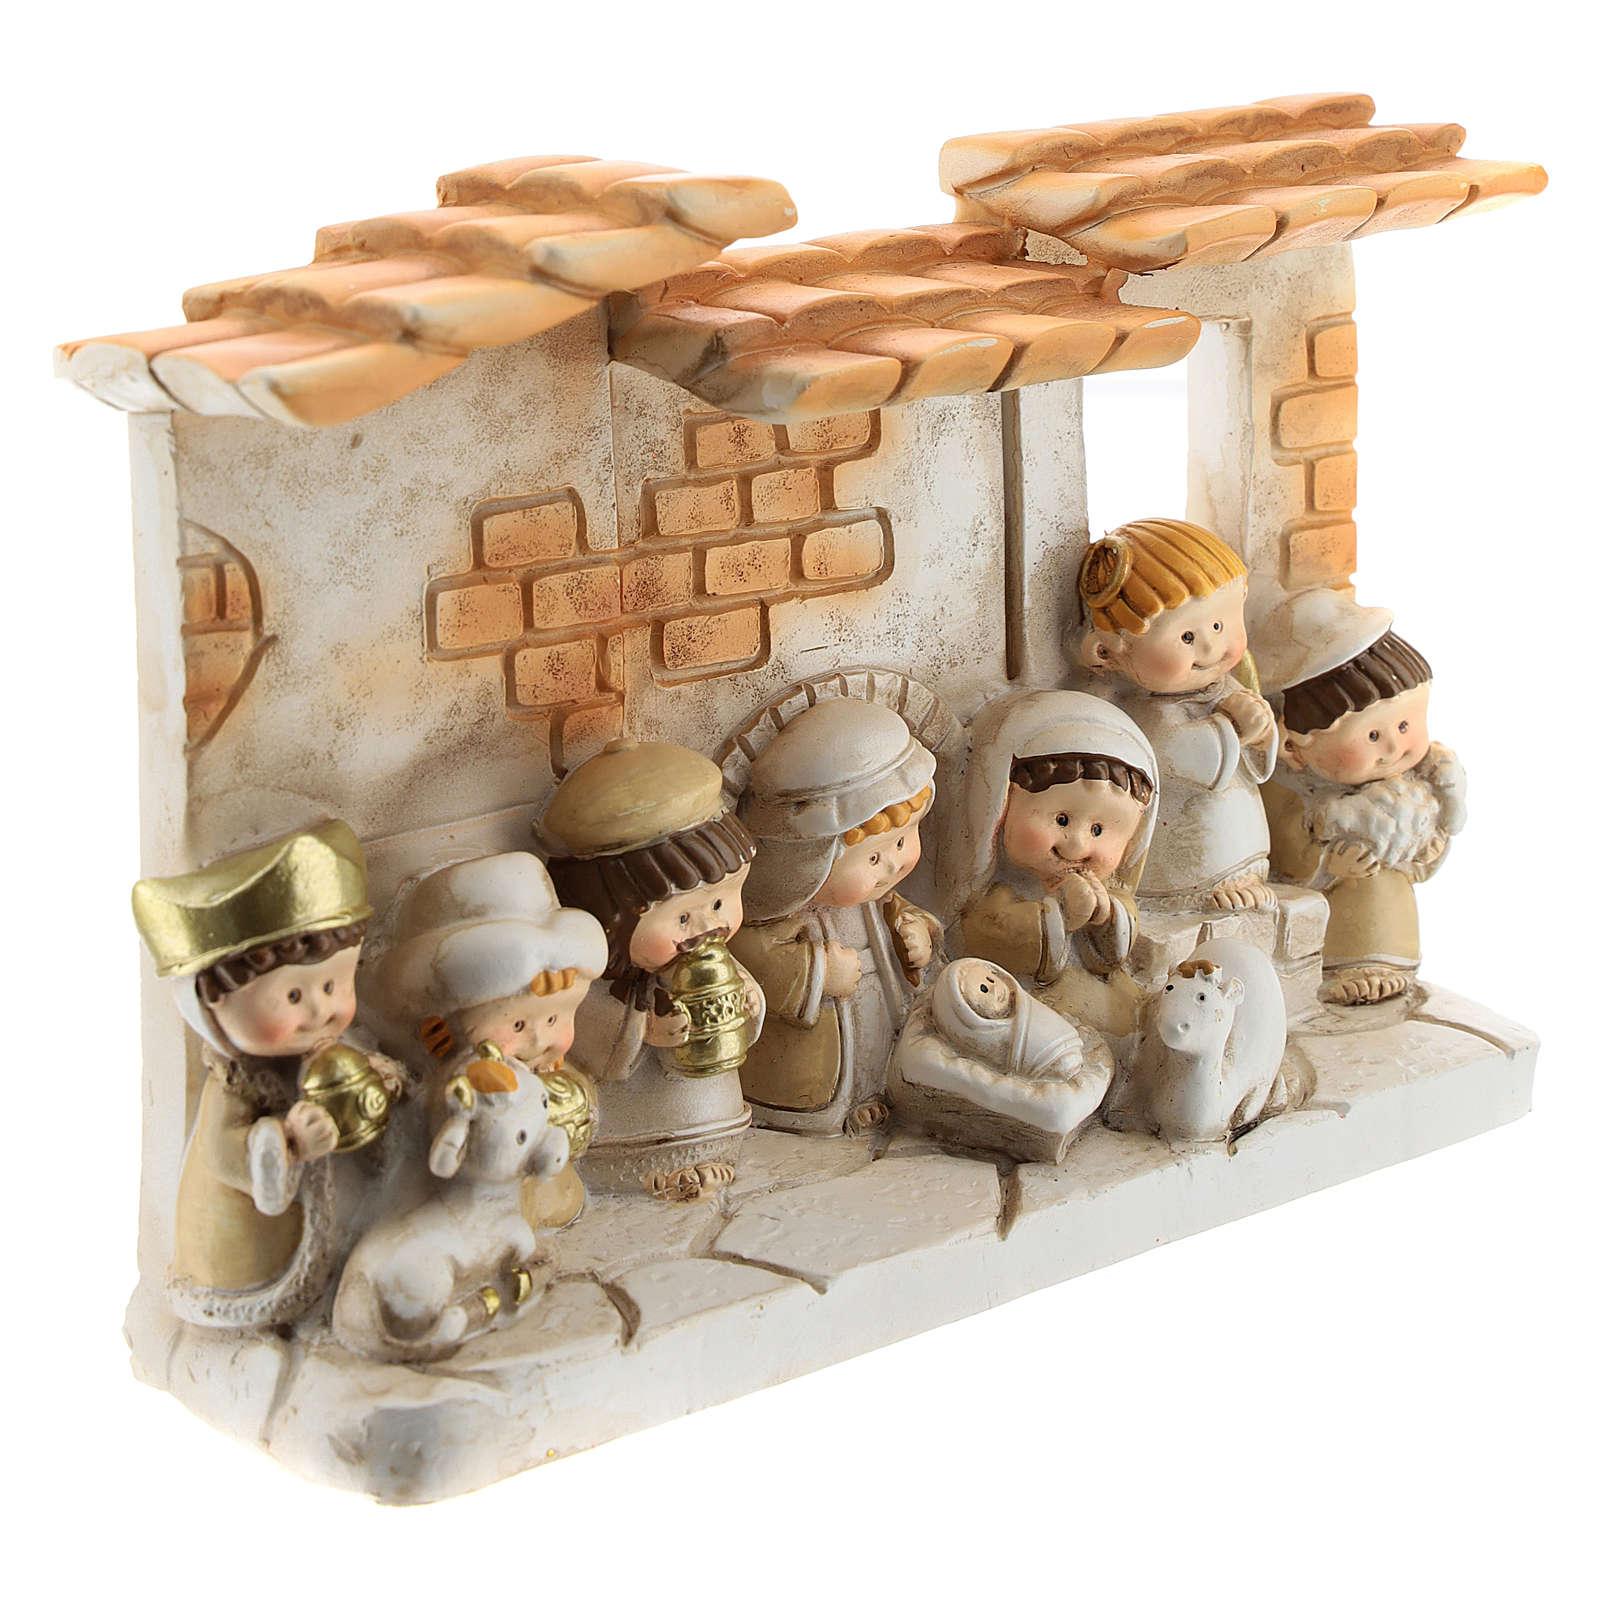 Presepe casolare resina 10 personaggi 15x10 cm linea bambini 4